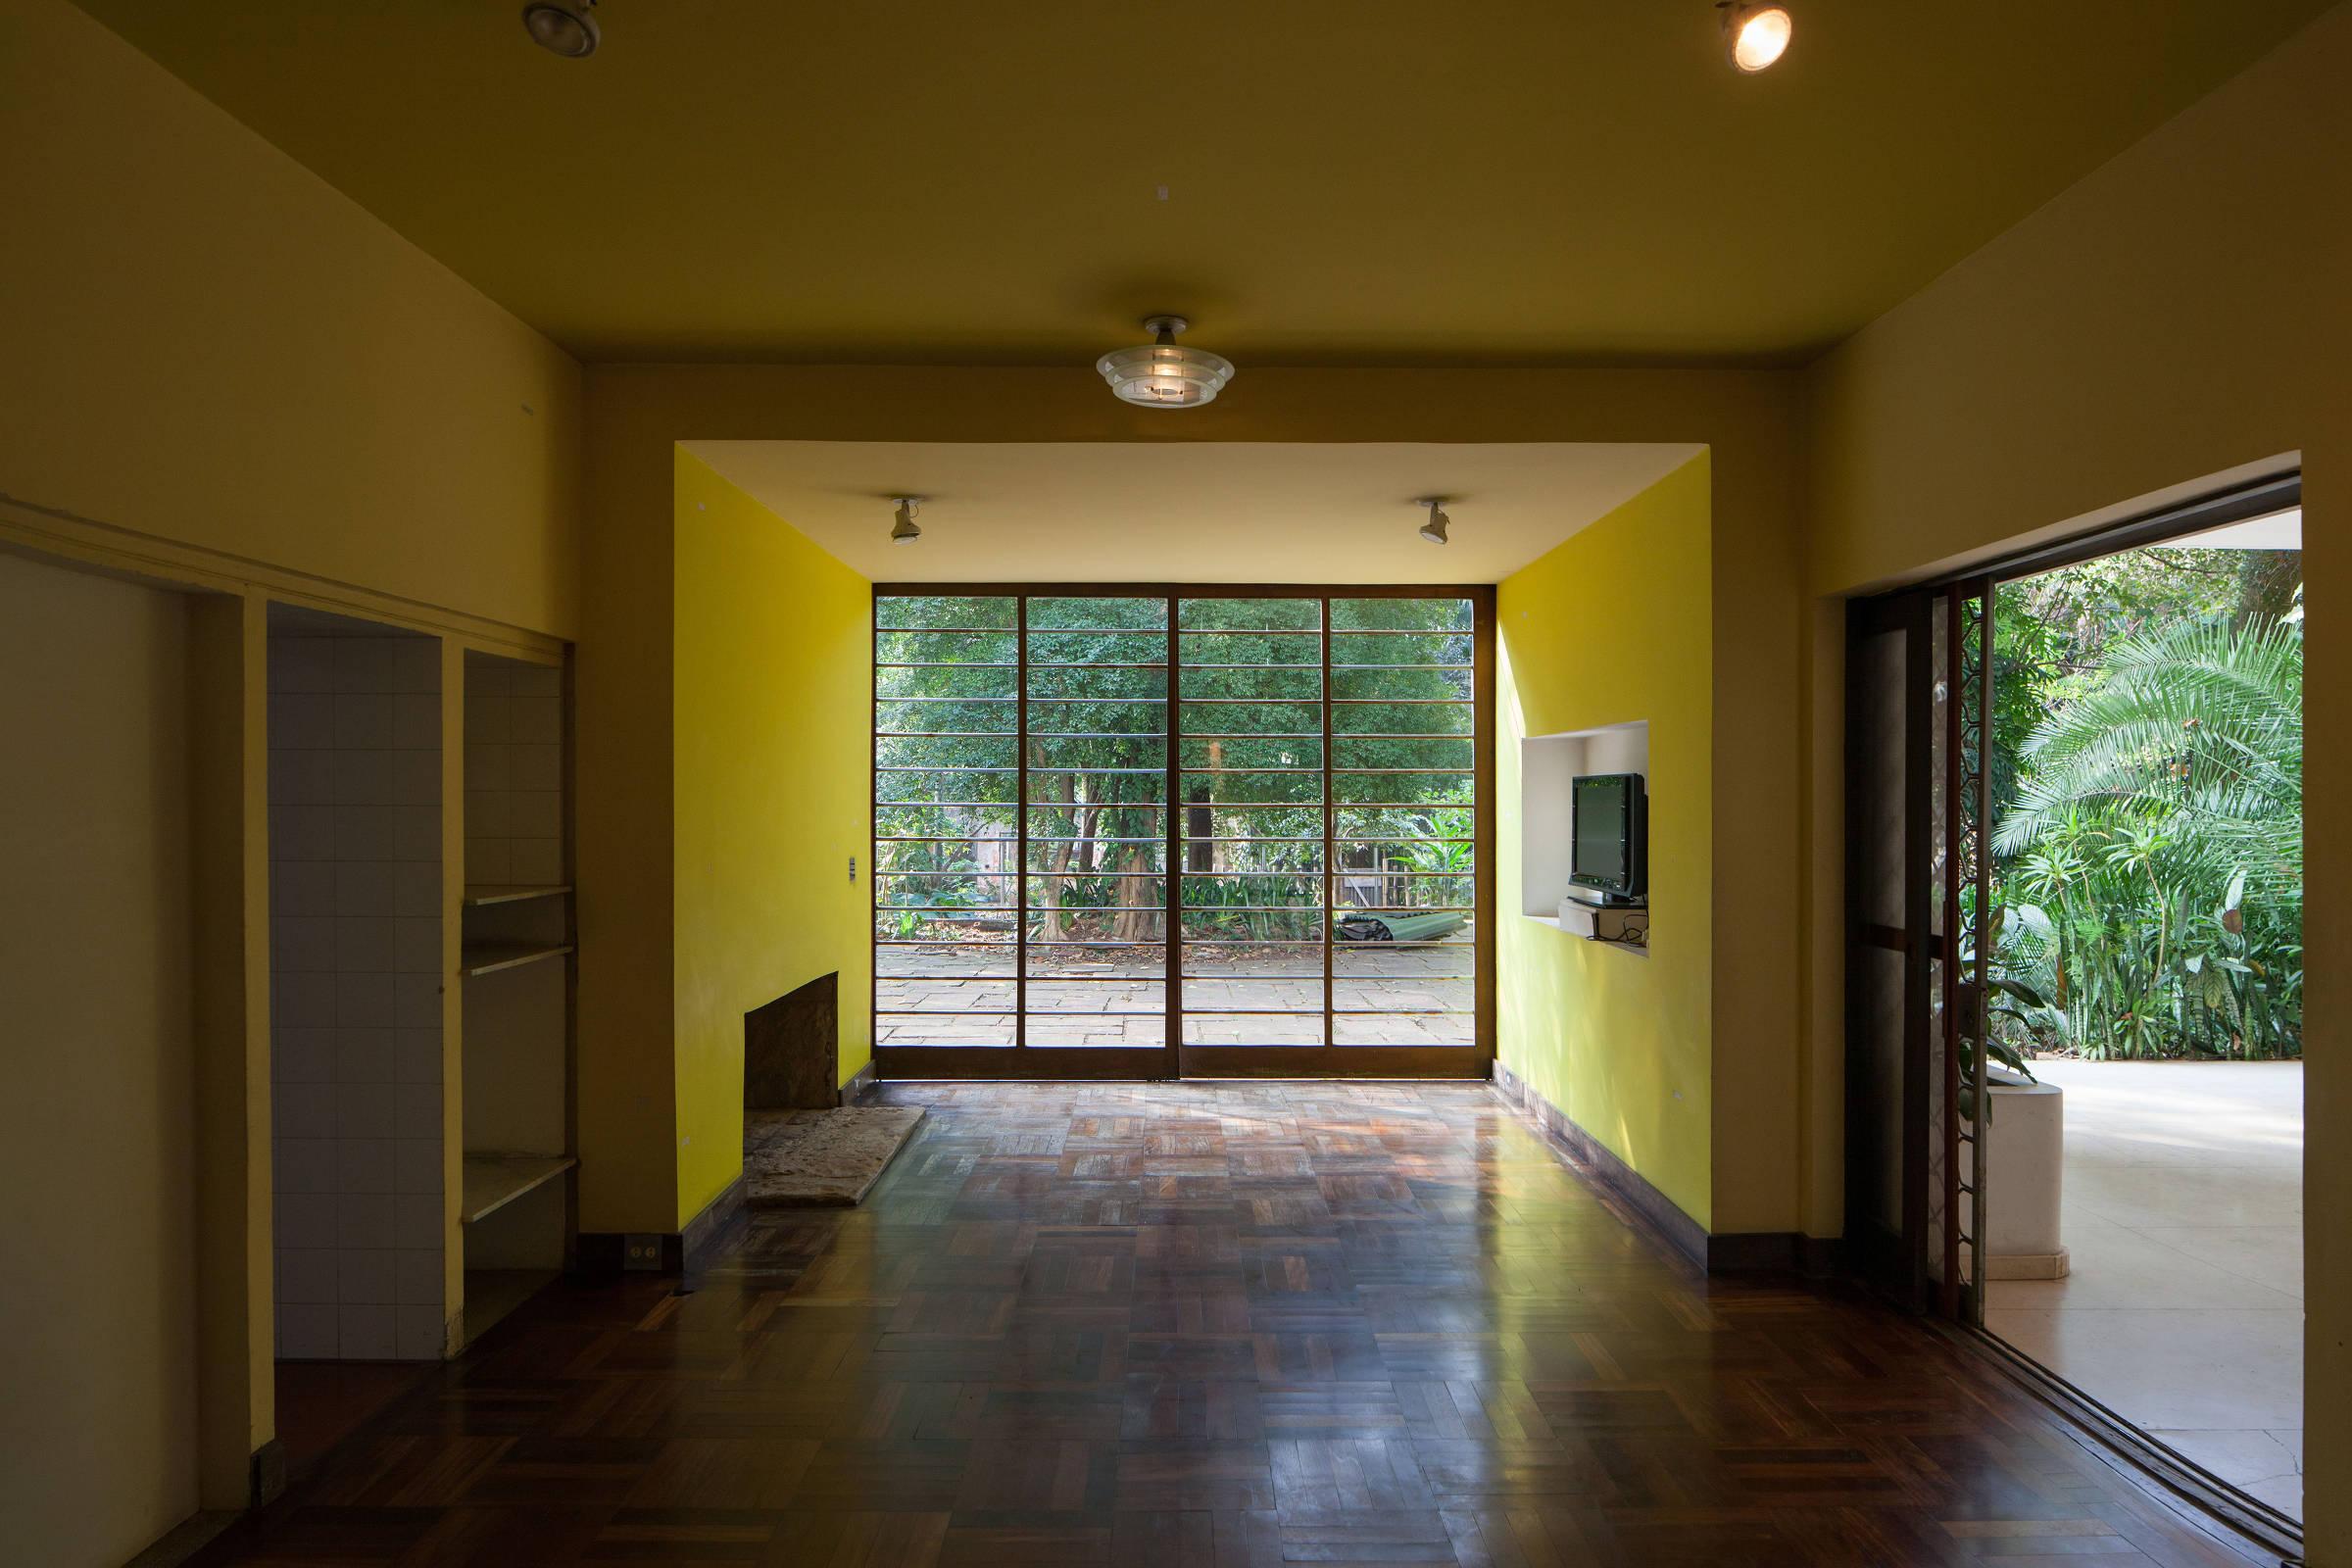 A Casa Modernista de Gregori Warchavchik suscitou críticas ao mesmo tempo em que se transformou em fetiche. Foto: Folhapress.